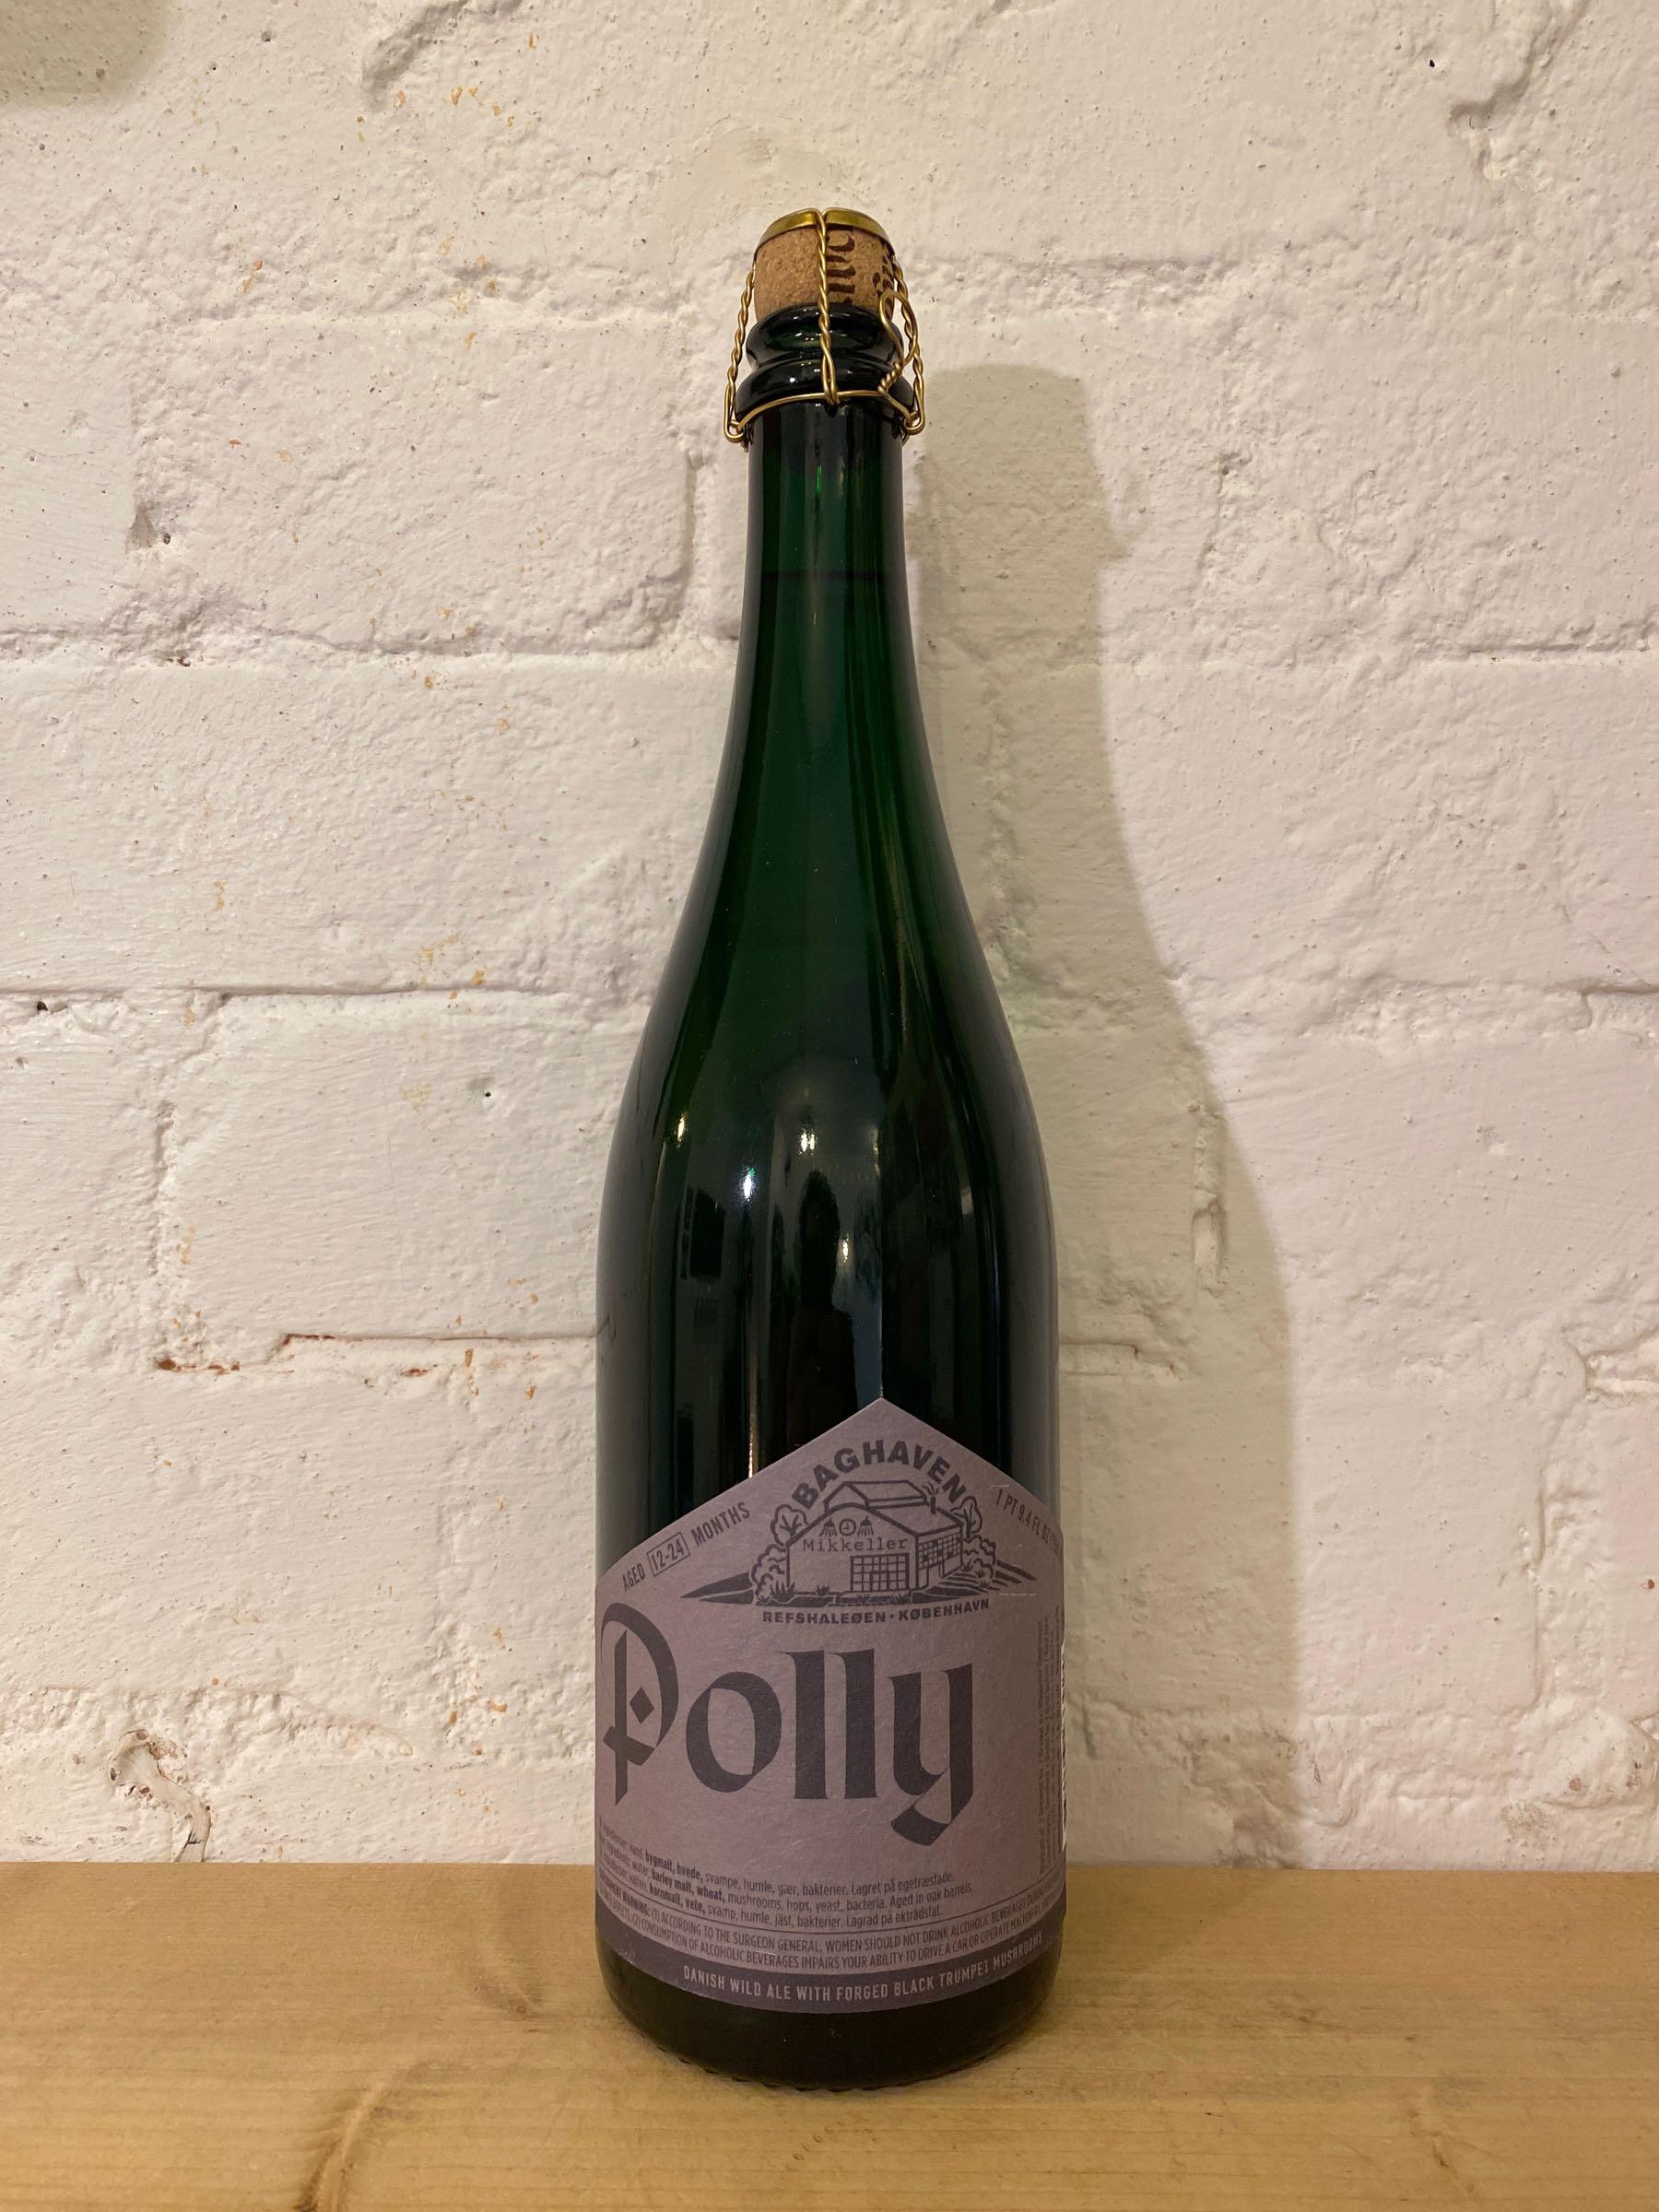 Mikkeller Baghaven Polly 2020